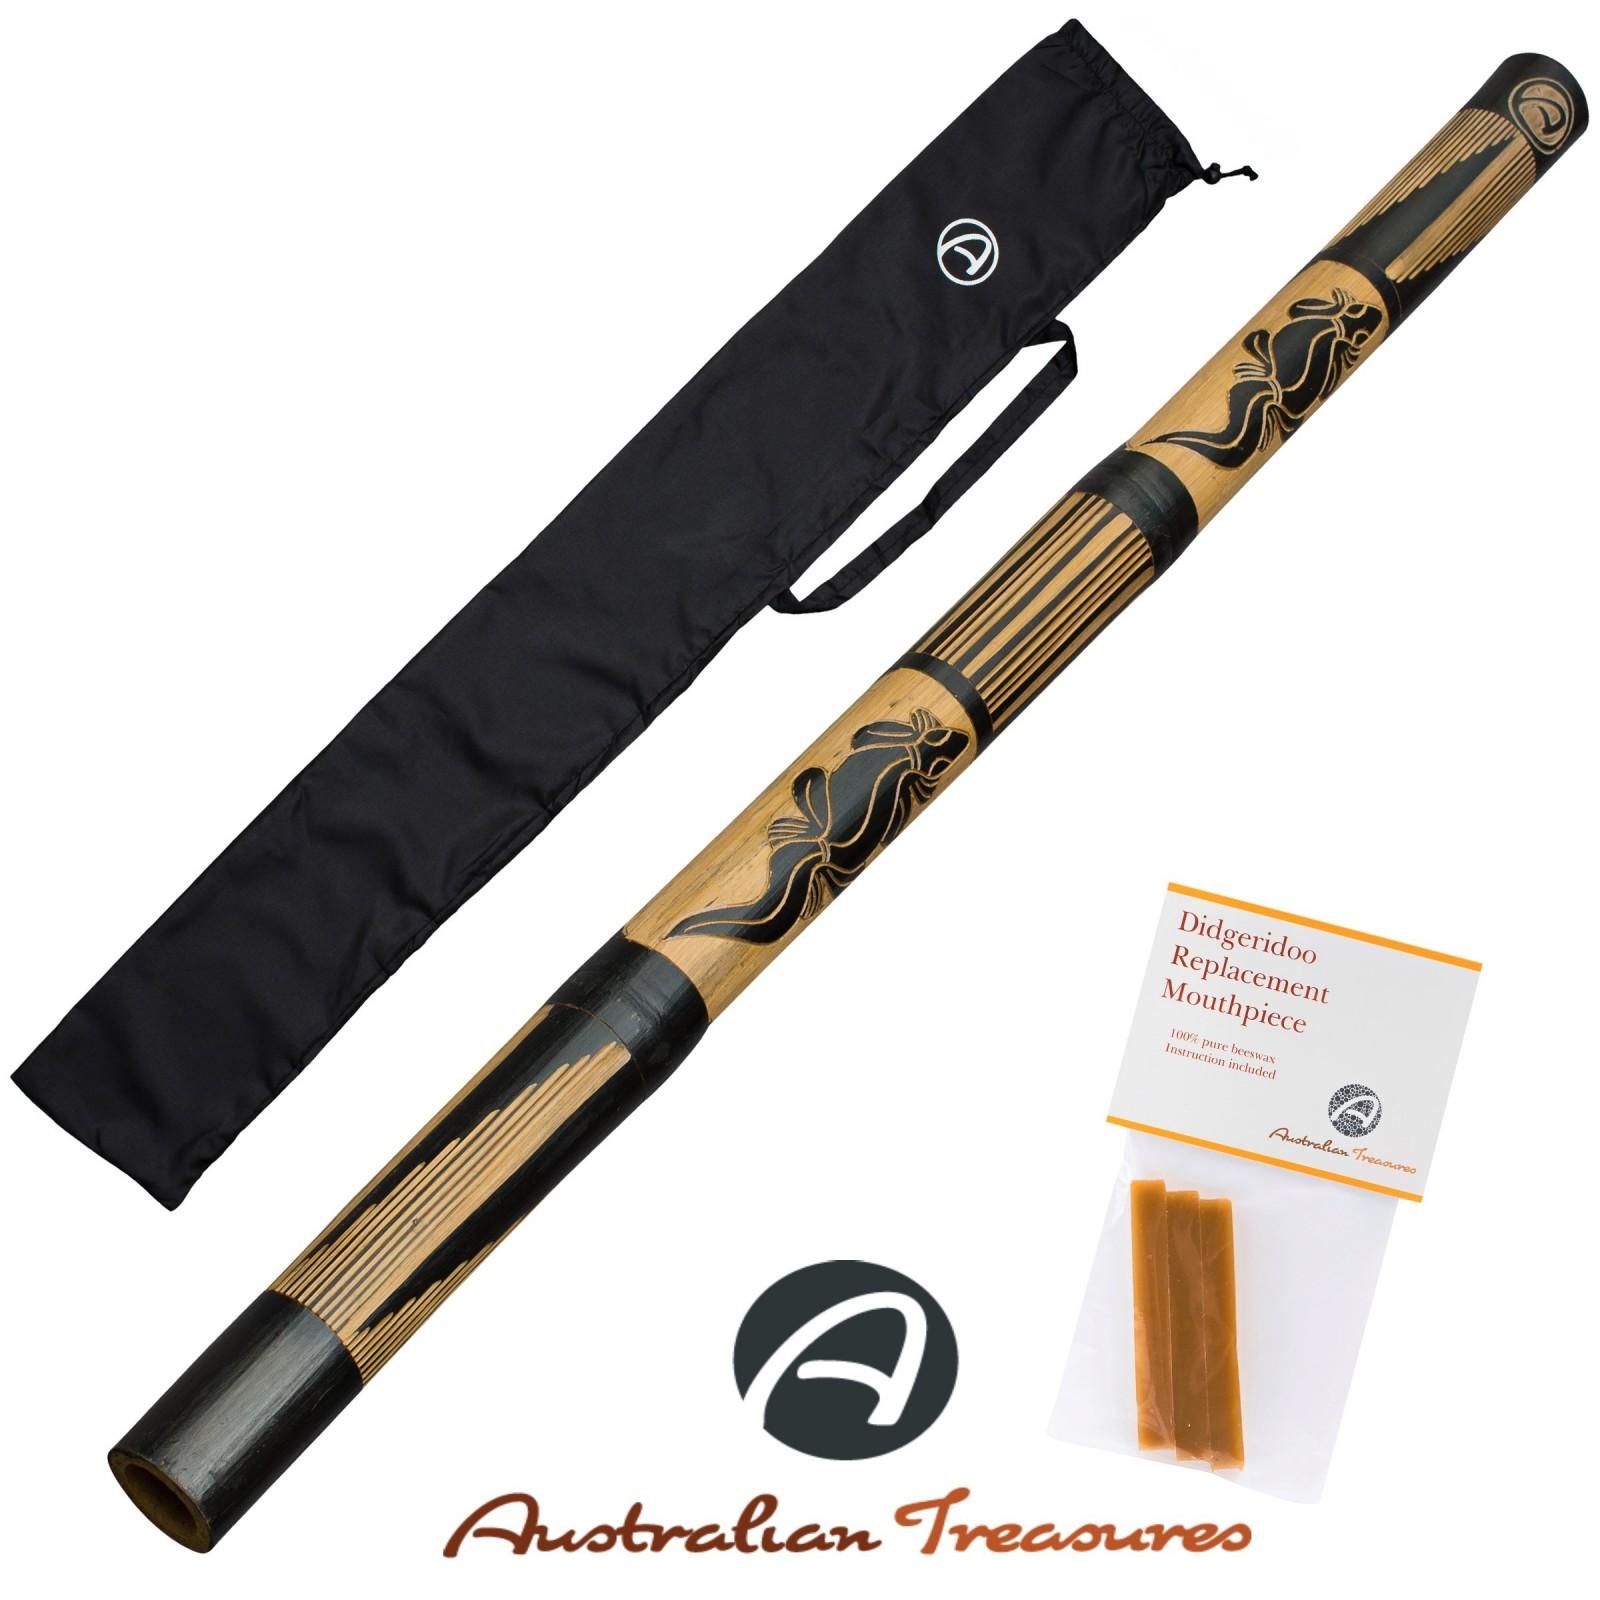 Australian Treasures Didgeridoo bamboo wood including beeswax and bag